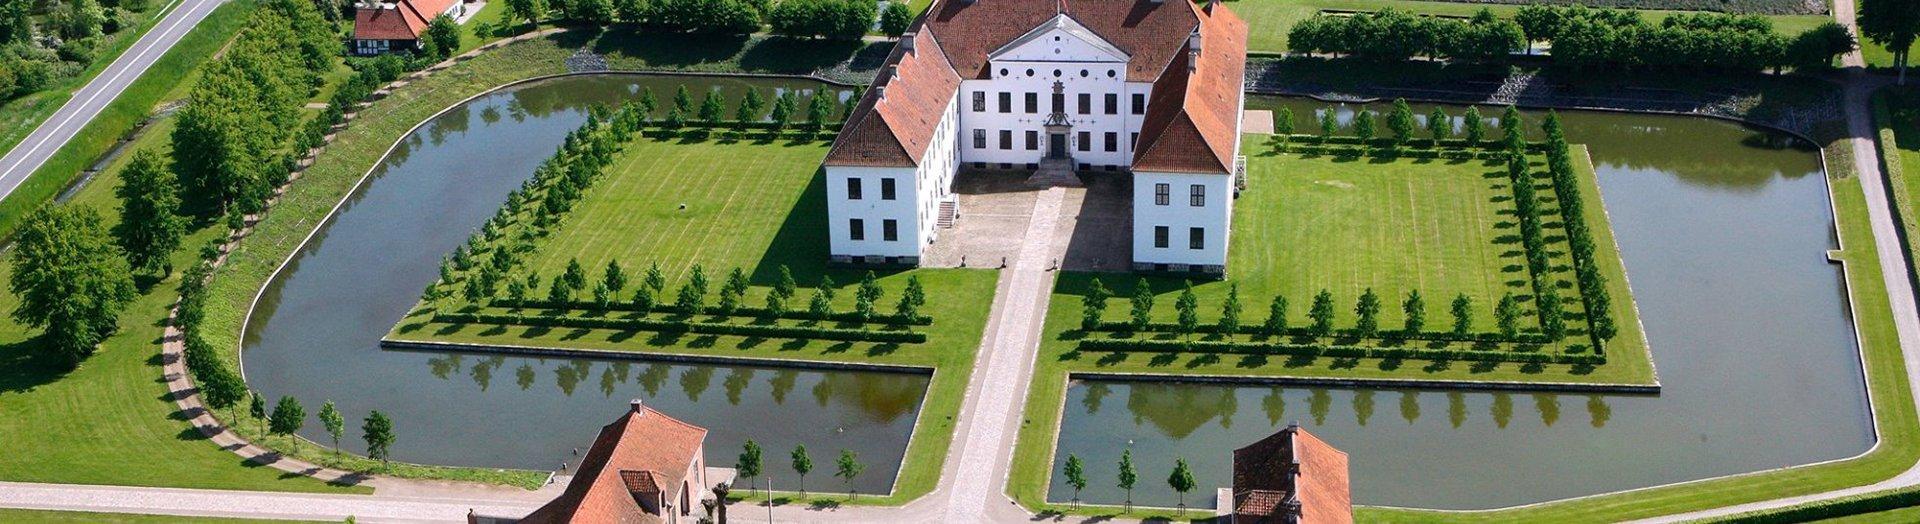 clausholm-gods-slotte-og-herregaarde-noergaards-hoejskole-historie-kultur-sevaerdighed-attraktion-oestjylland-midtjylland-1920-525